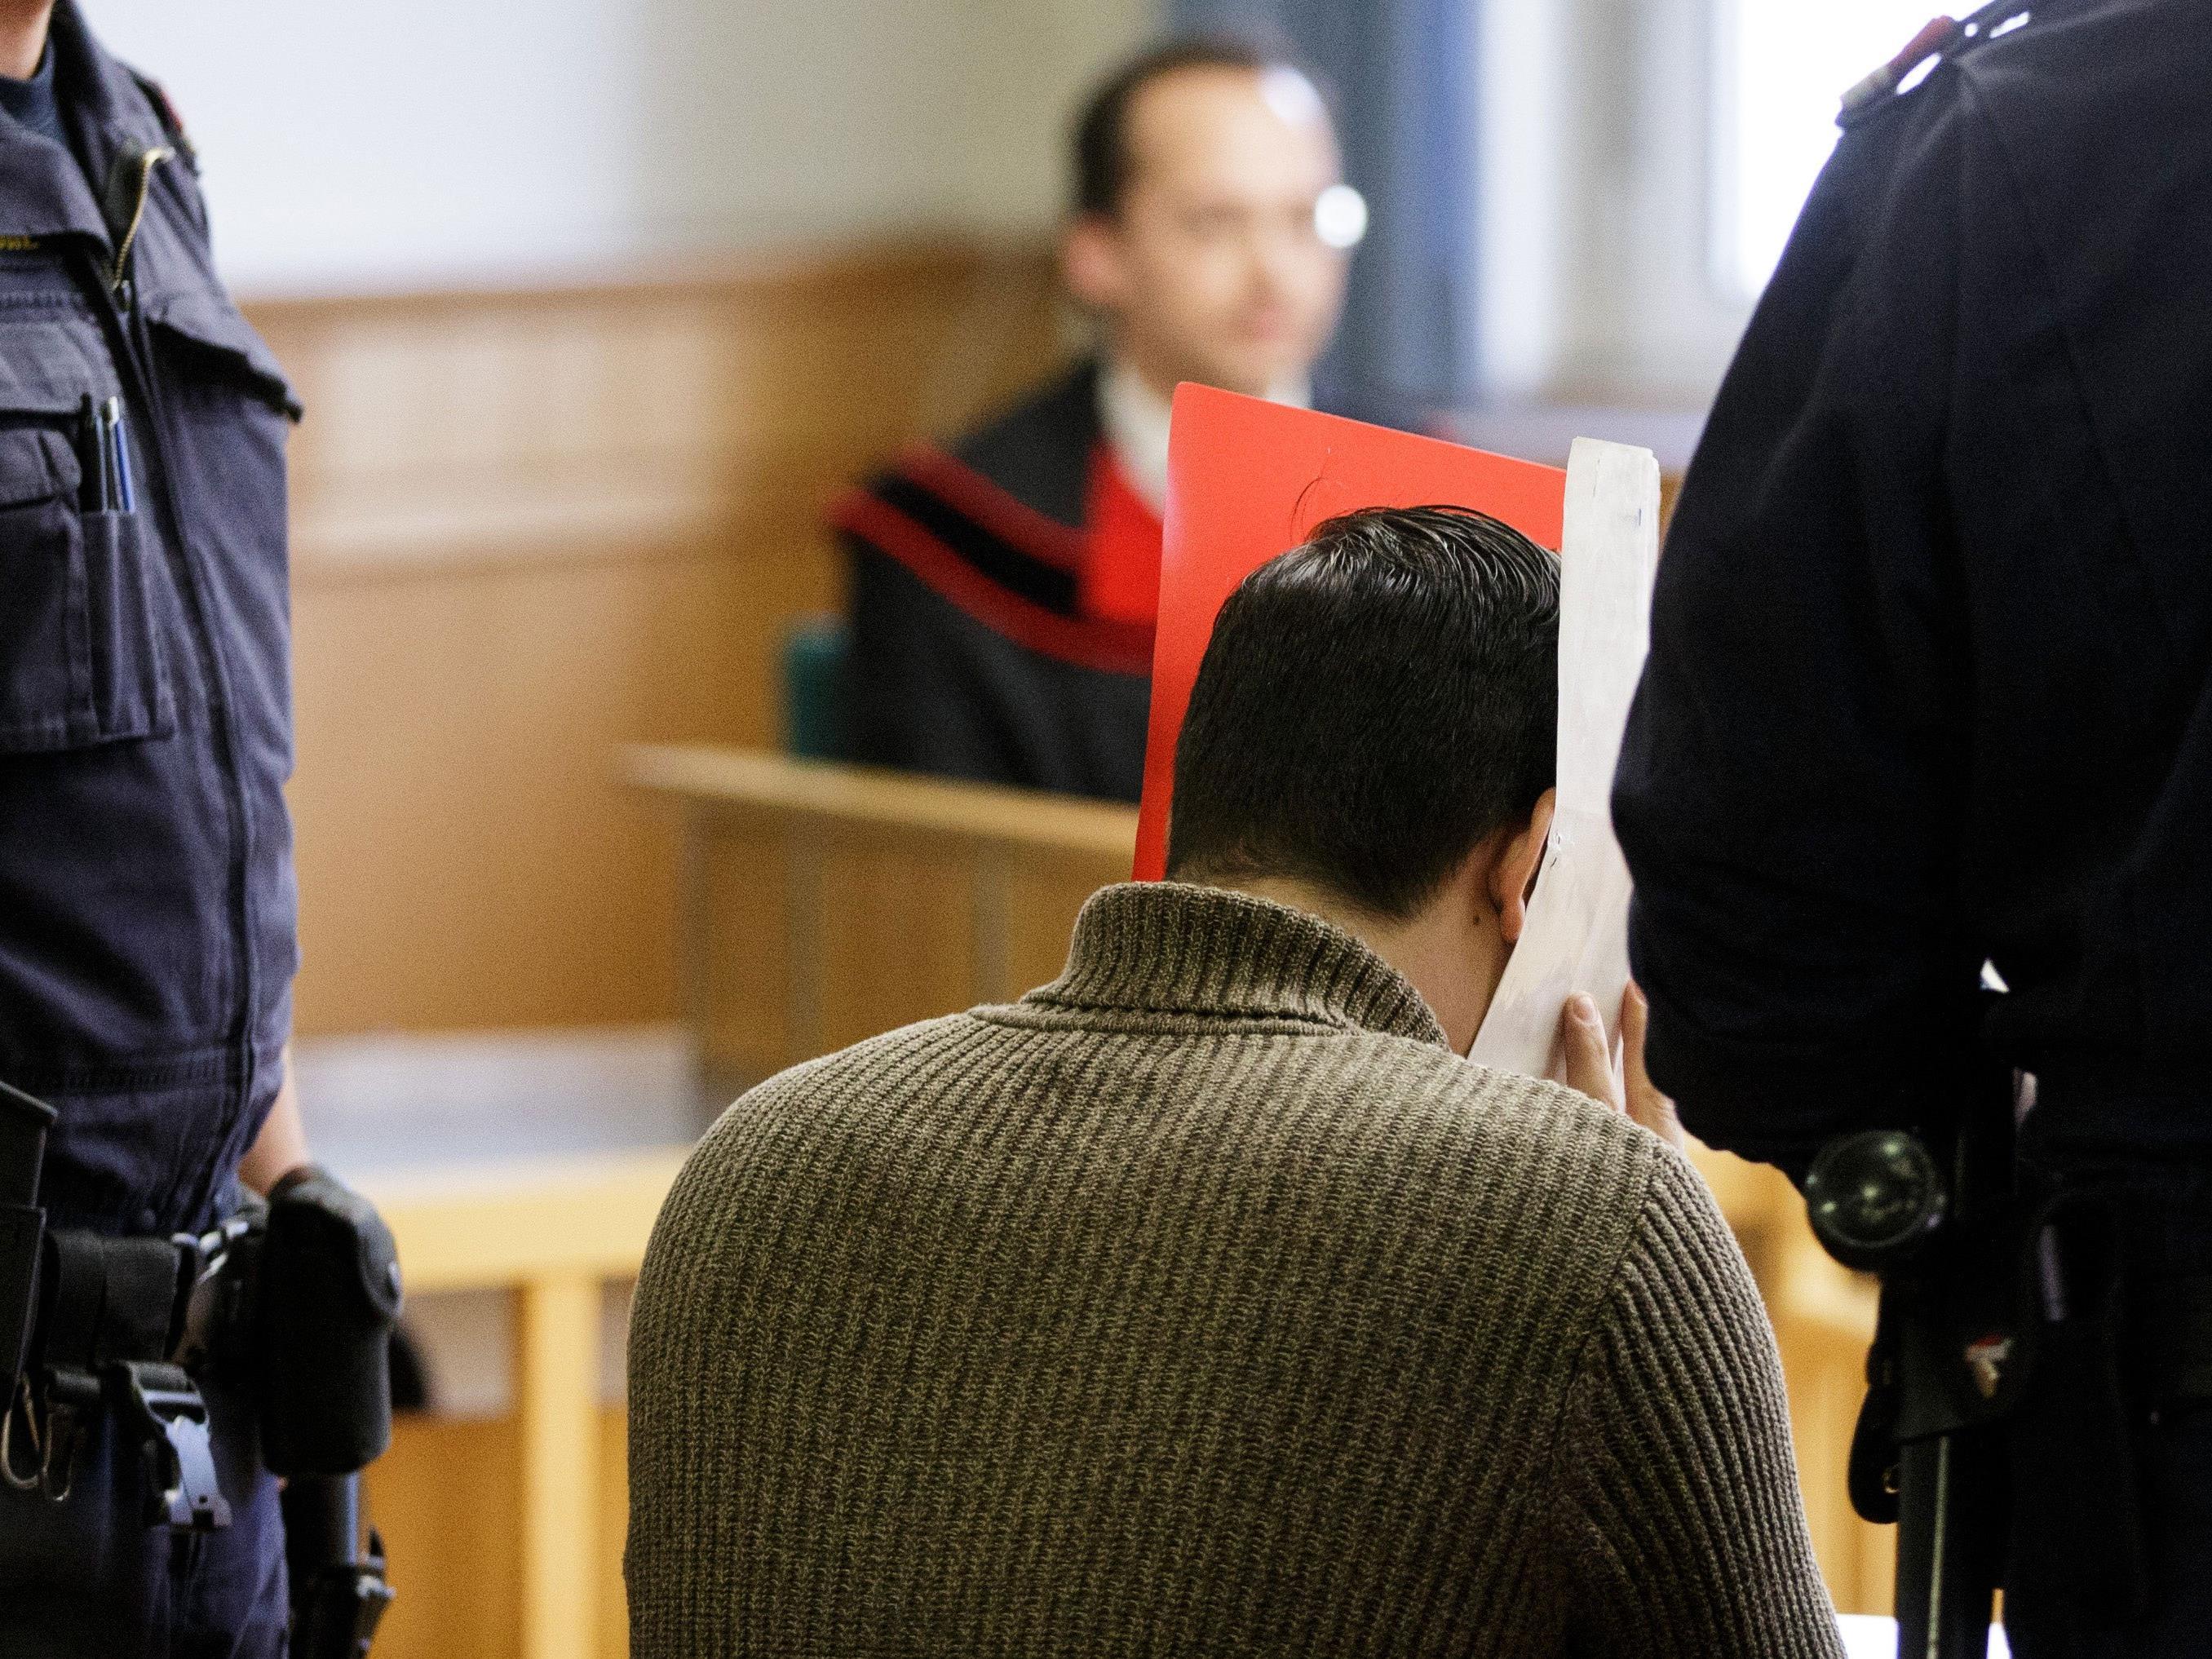 Bei der Prozesswiederholung wegen Vergewaltigung eines Zehnjährigen in einem Wiener Hallenbad